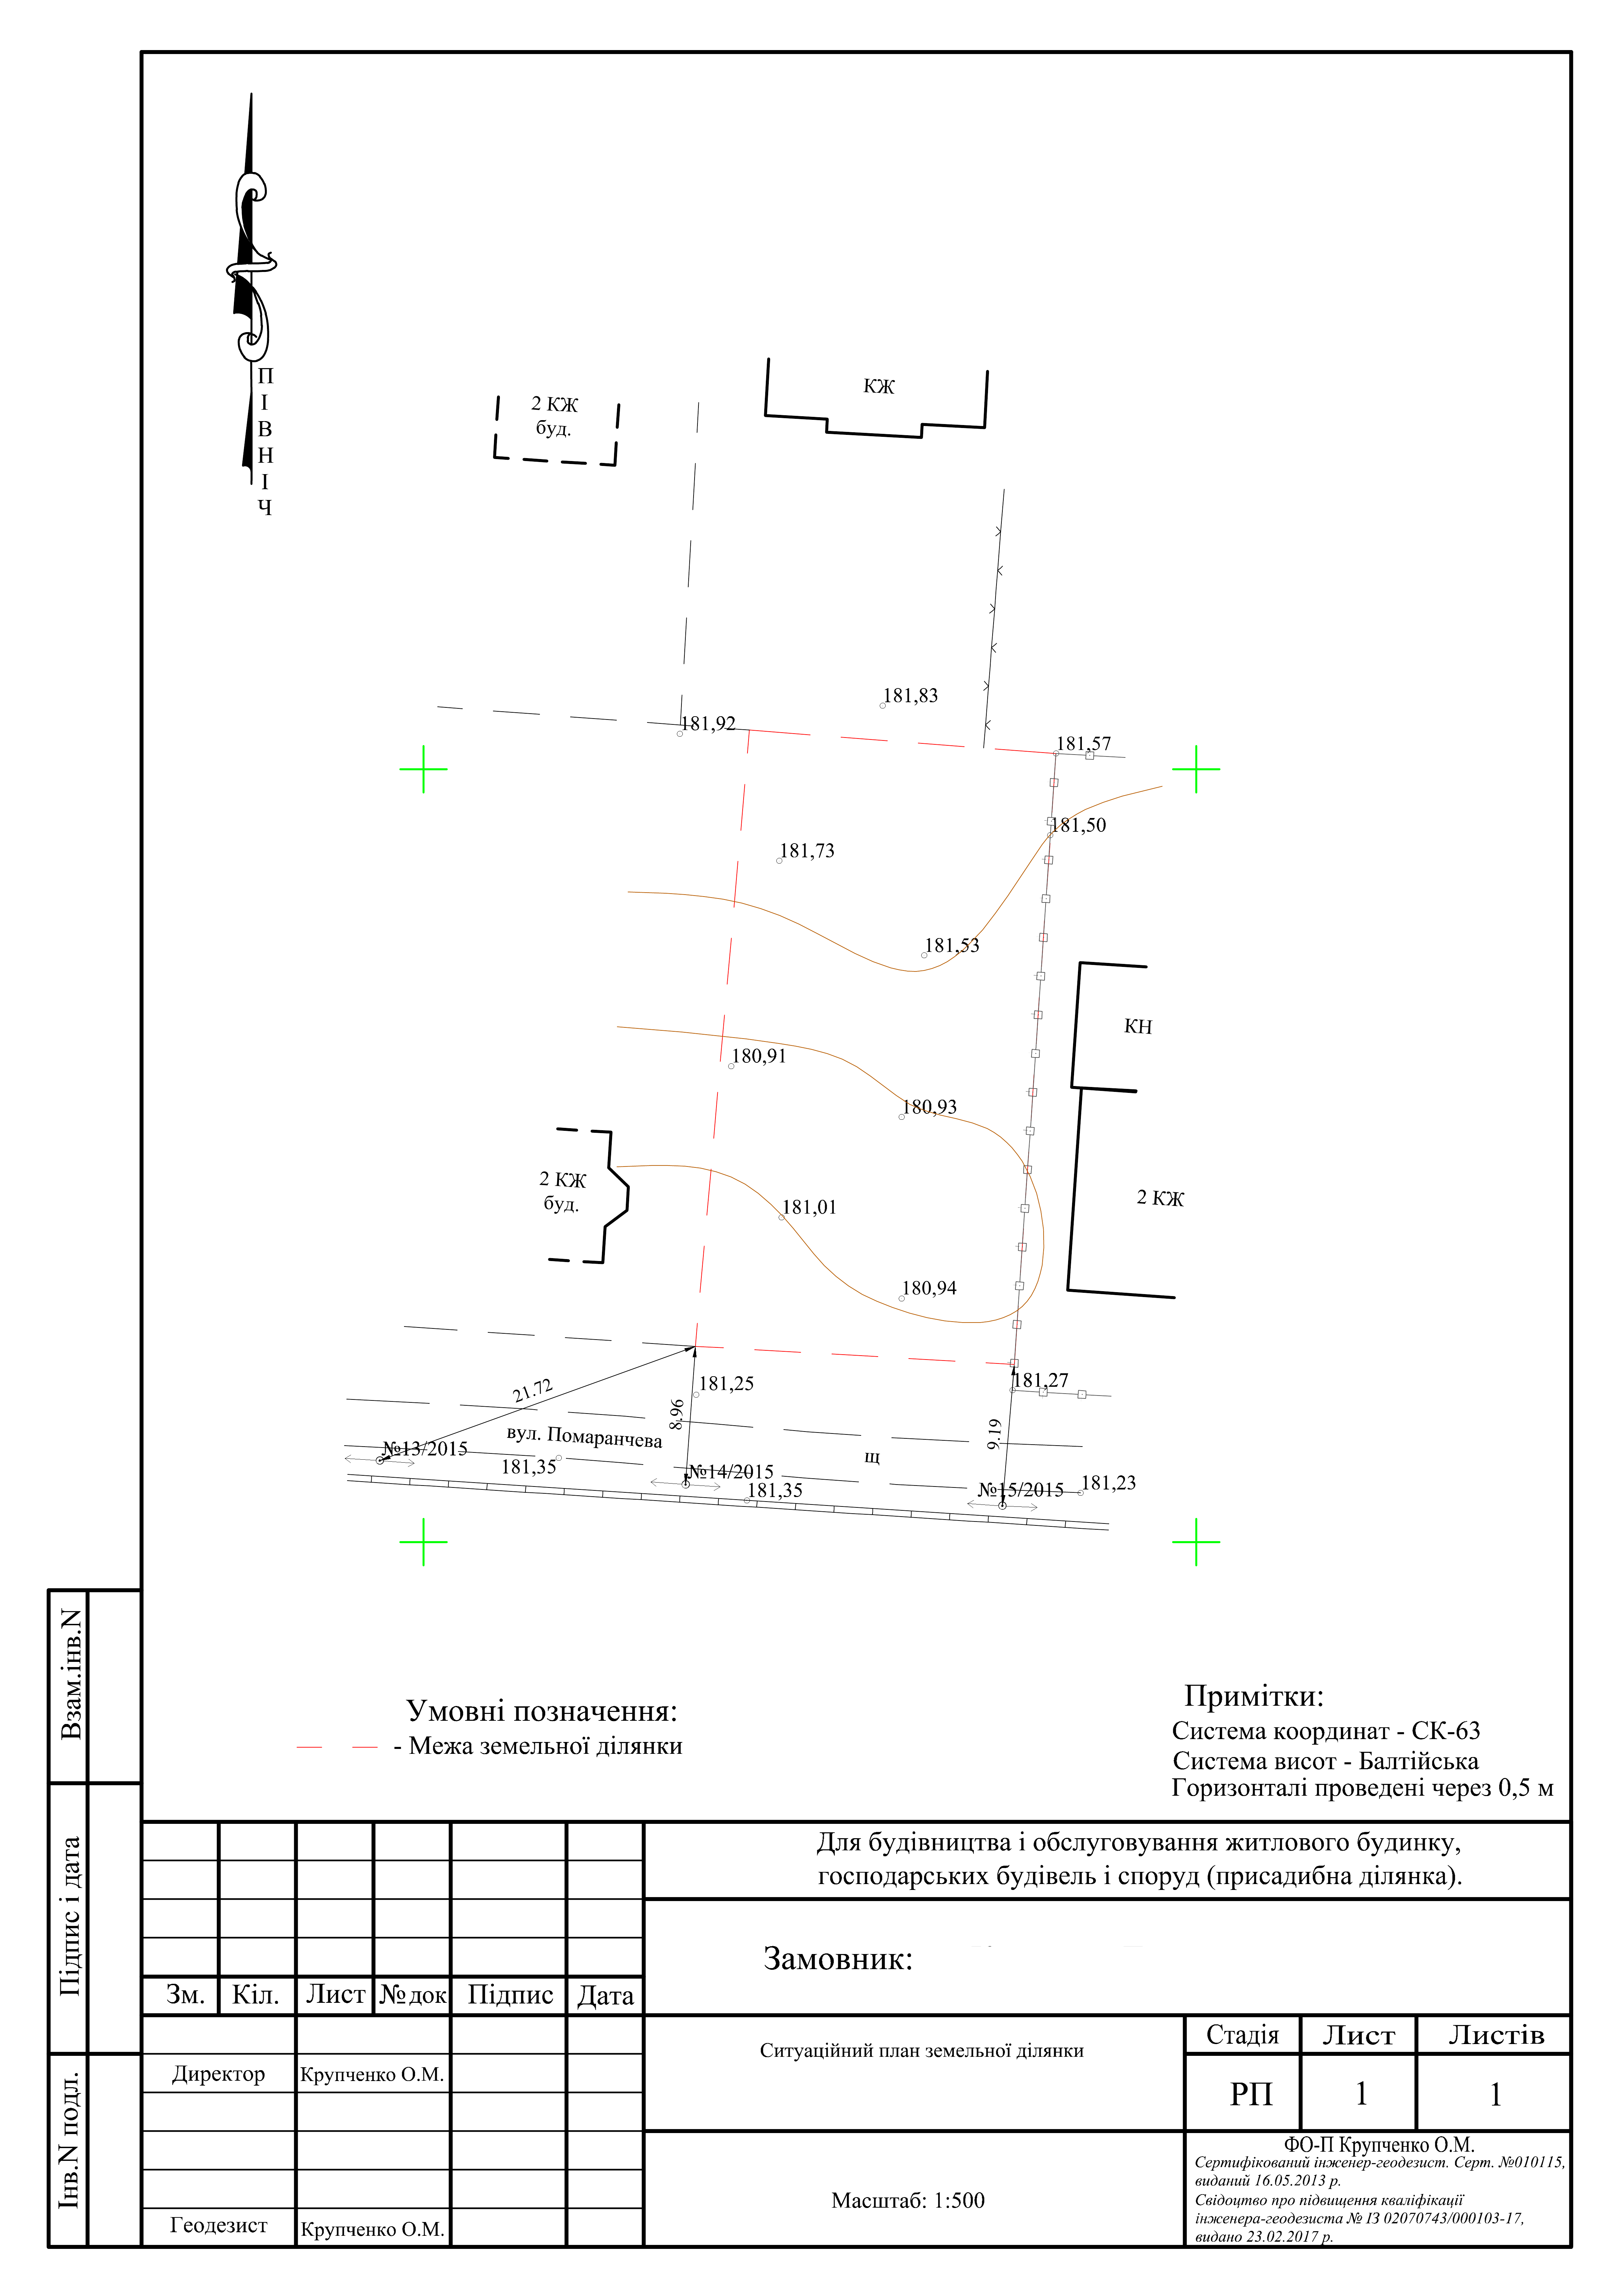 Фото Ситуационный план М 1:500 для подключения Электричества. Срок выполнения 2-3 дня.